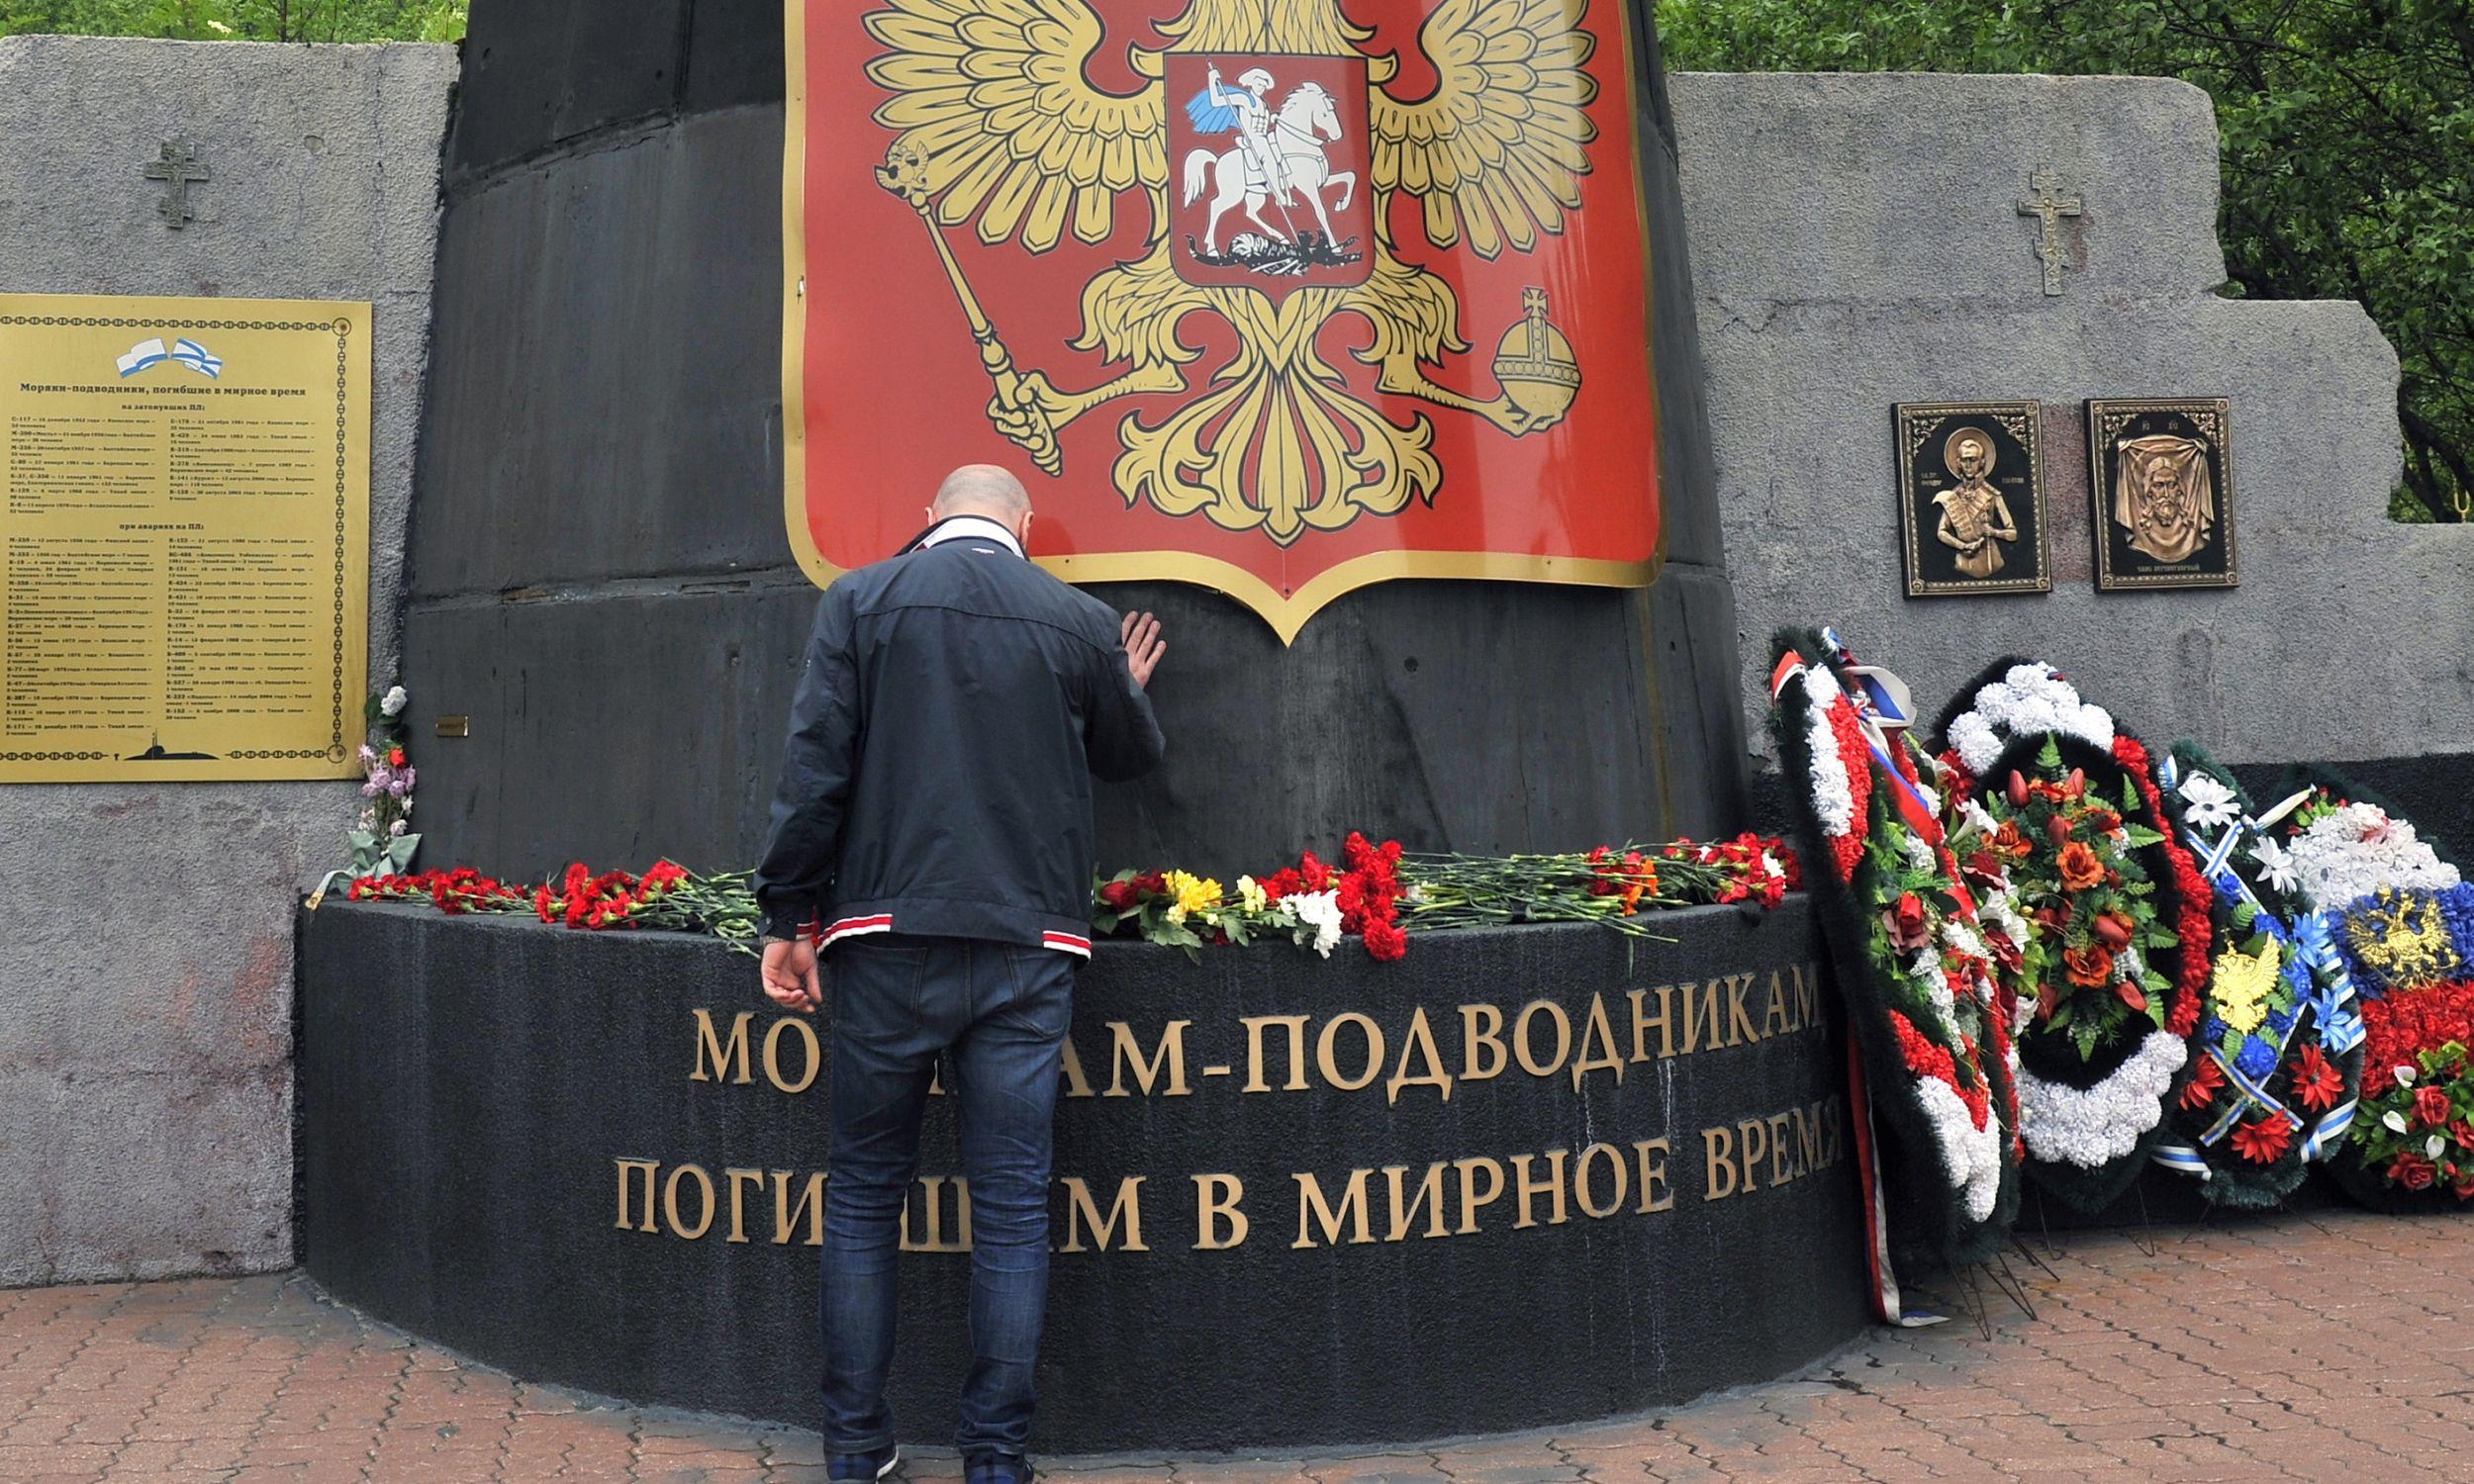 Rosjanie przynoszą kwiaty pod pomnik Marynarki Wojennej w Kościele Zbawiciela na Wodach w Murmańsku, aby uczcić 14 oficerów marynarki wojennej, którzy zginęli na okręcie zanurzonym  w północnych wodach terytorialnych Rosji, 1 lipca 2019 r. Fot. Lev Fedoseyev/TASS via Getty Images